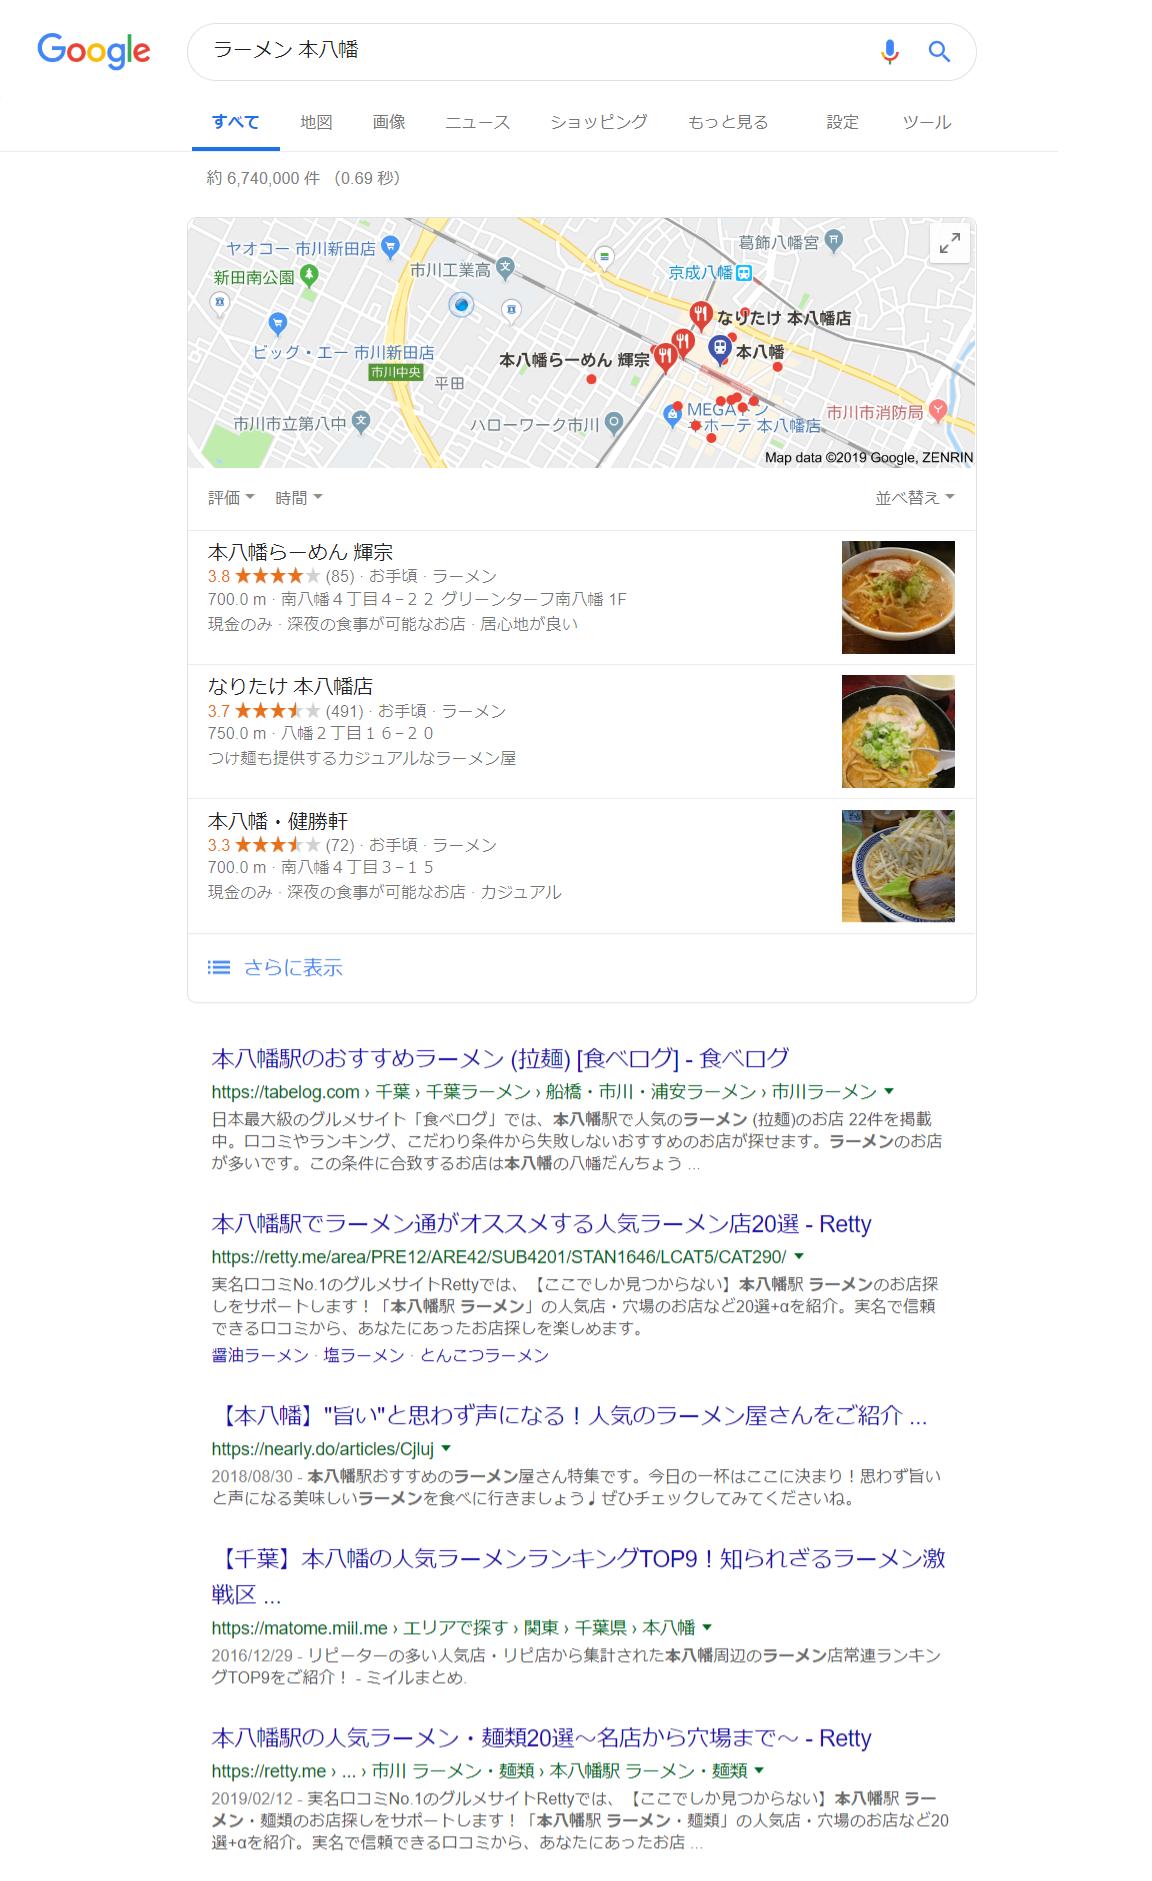 本八幡らーめんで検索したときの画面